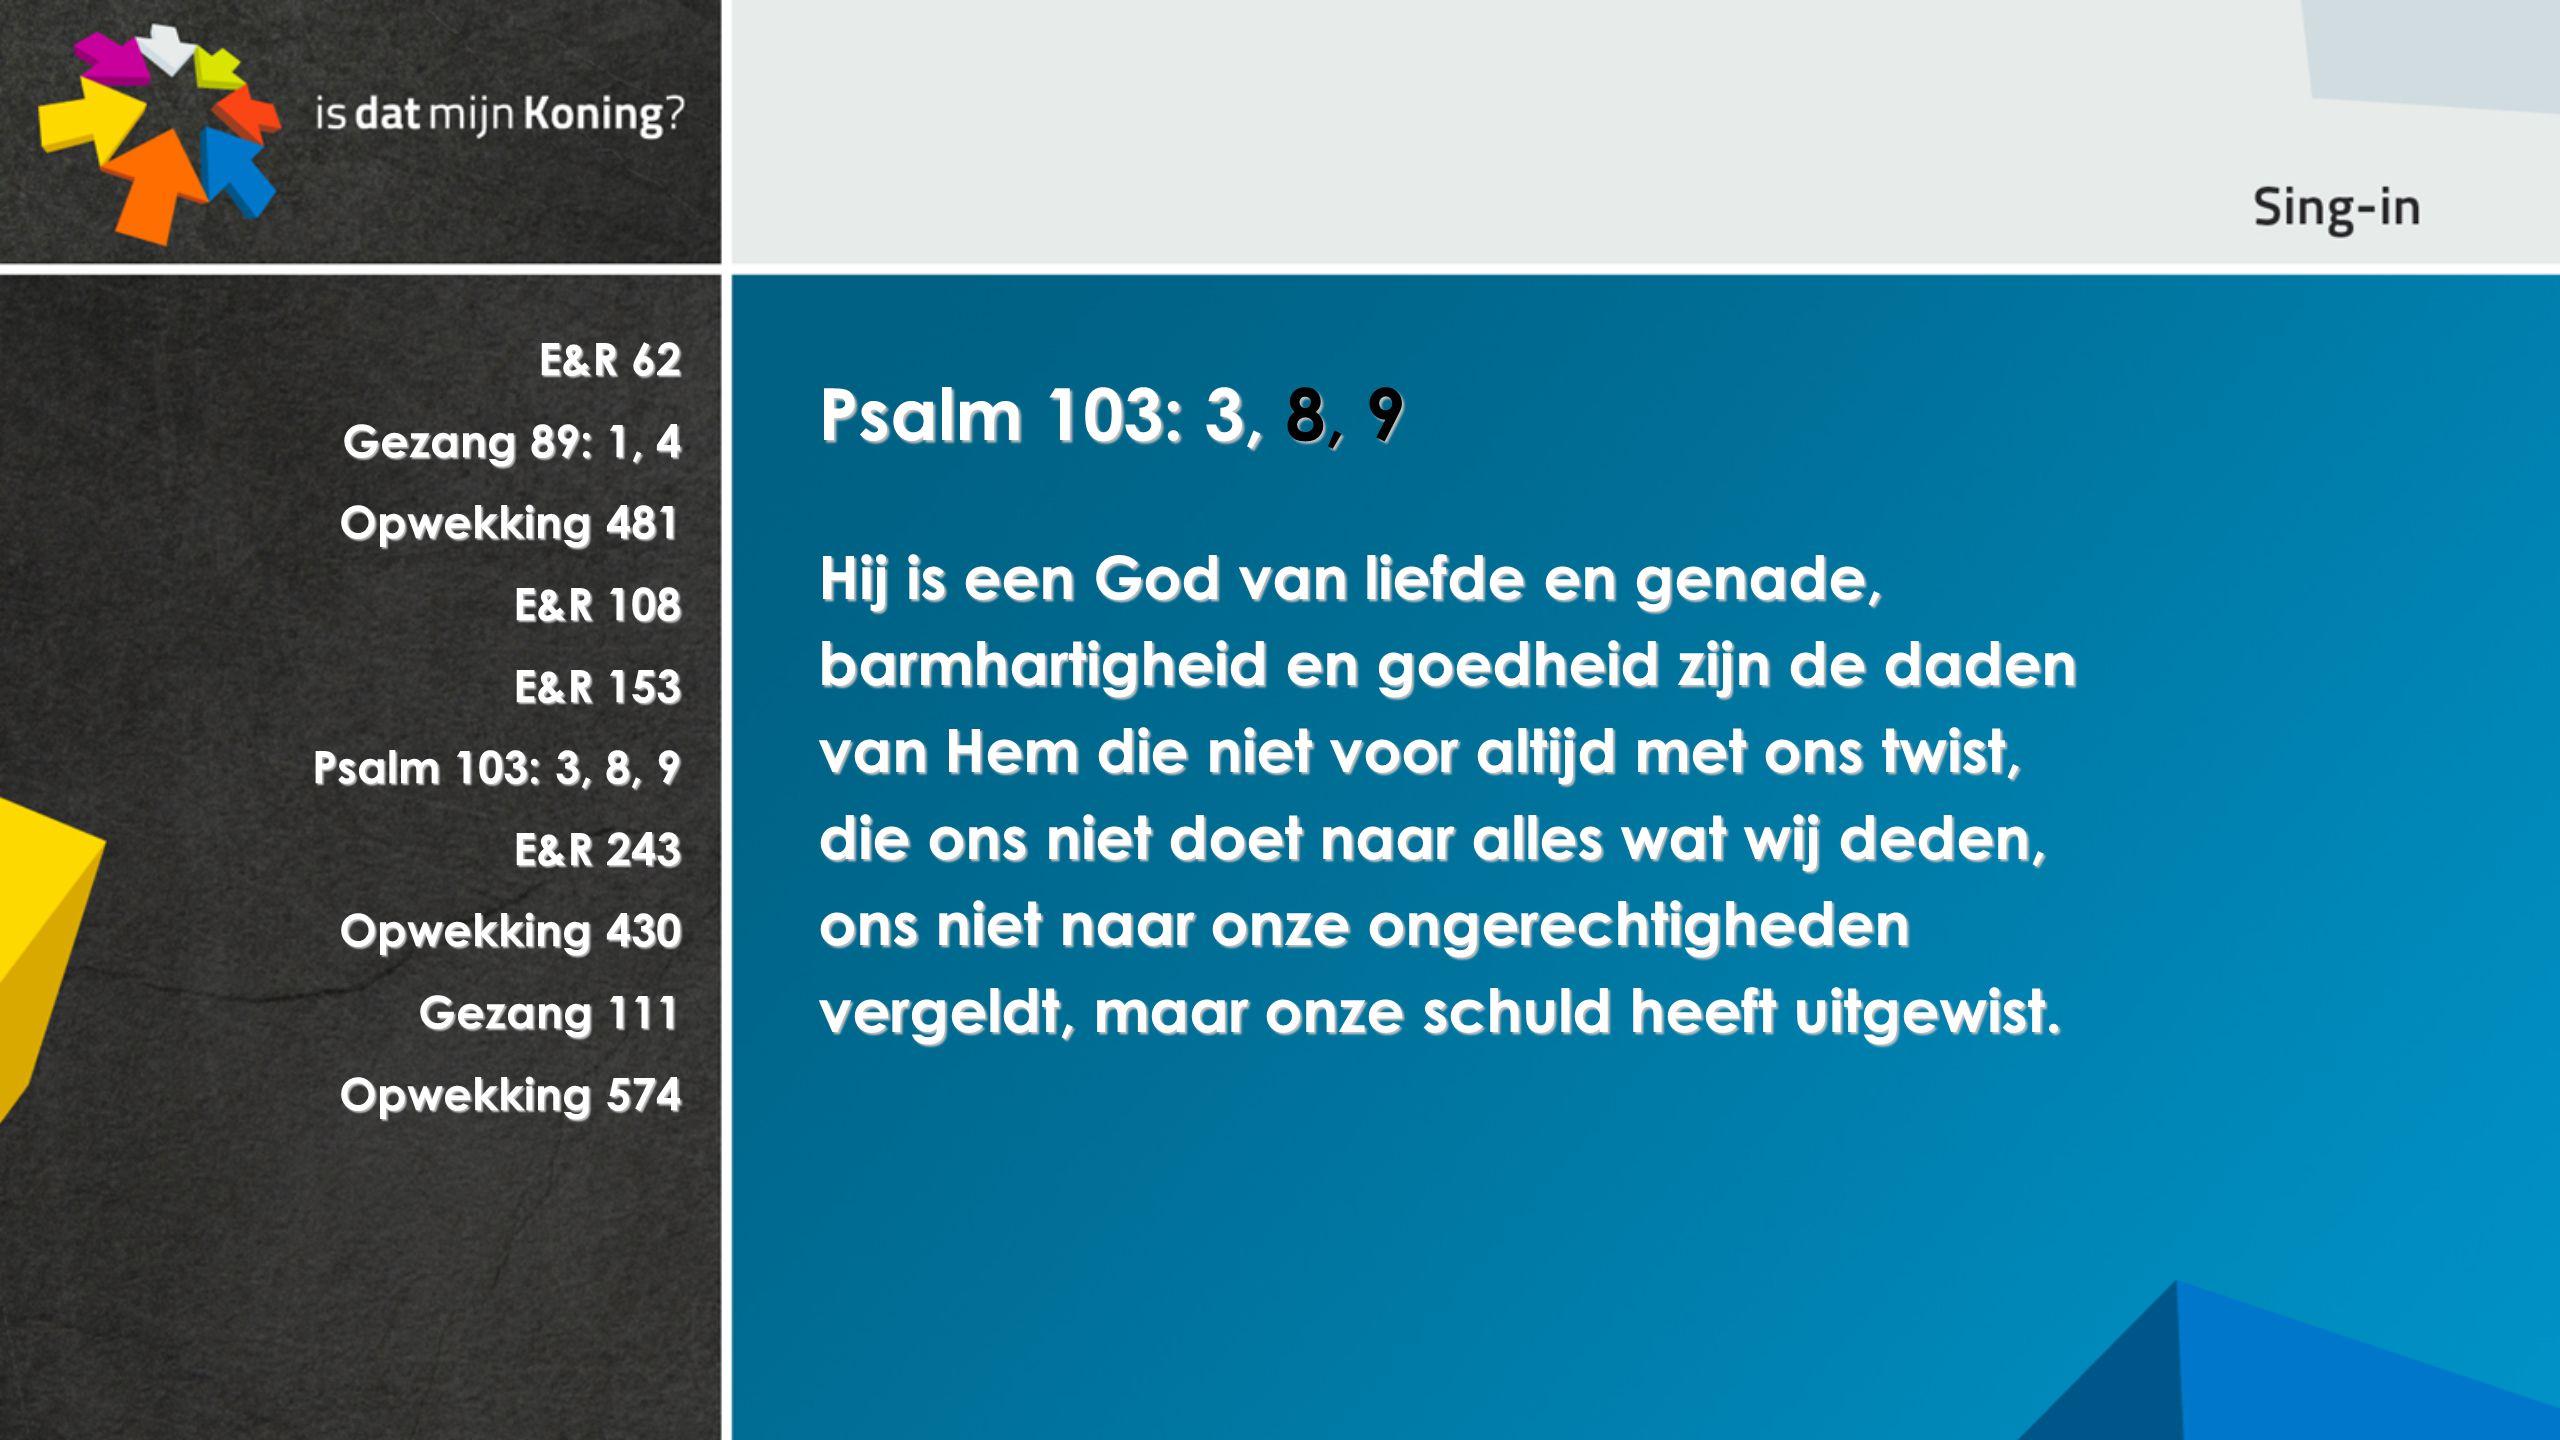 E&R 62 Gezang 89: 1, 4 Opwekking 481 E&R 108 E&R 153 Psalm 103: 3, 8, 9 E&R 243 Opwekking 430 Gezang 111 Opwekking 574 Psalm 103: 3, 8, 9 Hij is een God van liefde en genade, barmhartigheid en goedheid zijn de daden van Hem die niet voor altijd met ons twist, die ons niet doet naar alles wat wij deden, ons niet naar onze ongerechtigheden vergeldt, maar onze schuld heeft uitgewist.